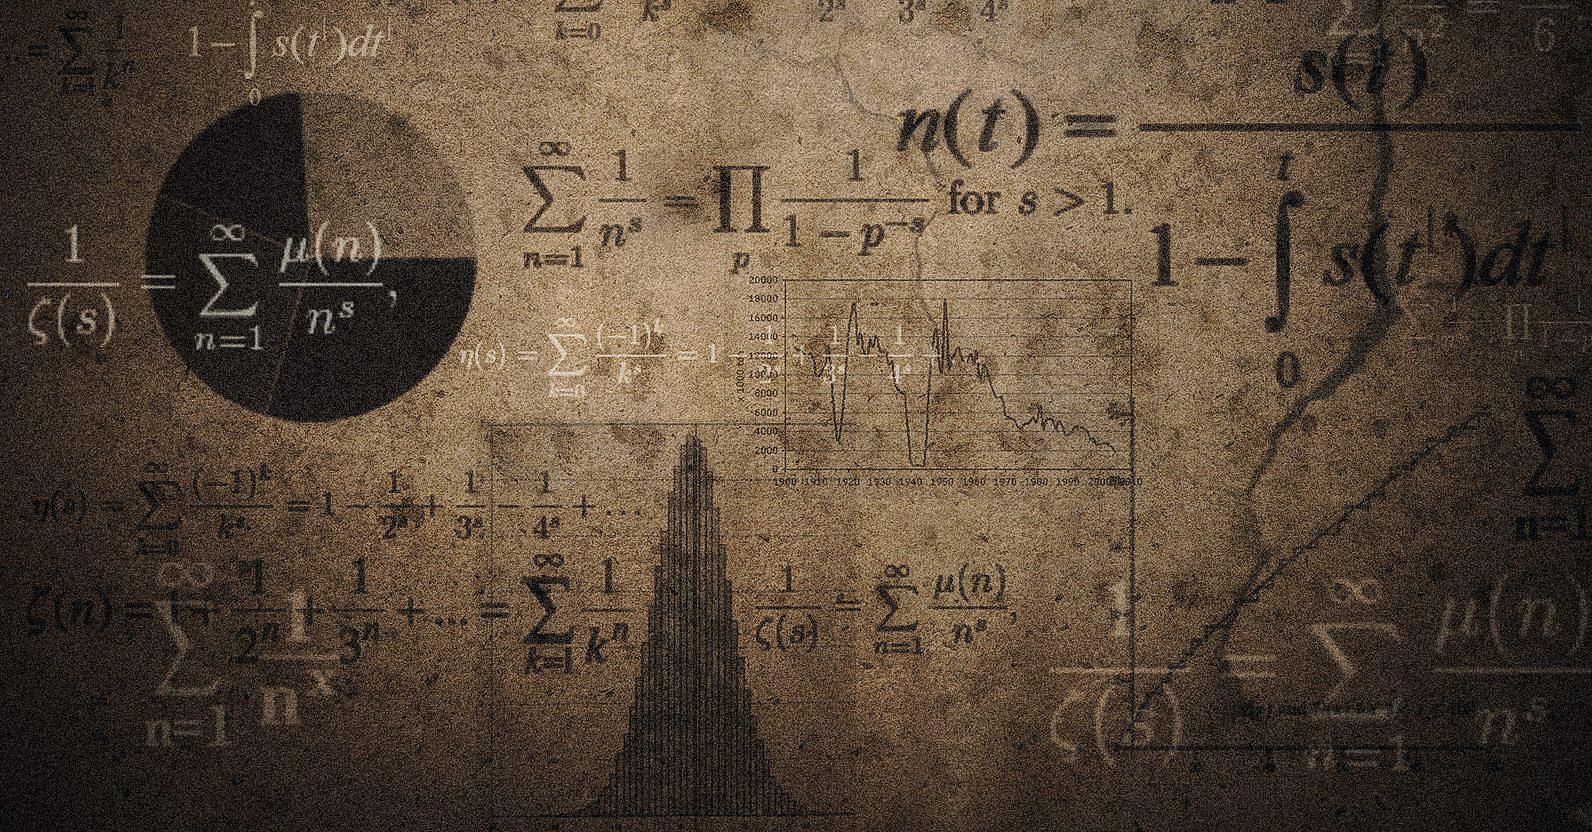 Mathematik gehört für viele Menschen nicht zur Allgemeinbildung - dabei benötigt man sie täglich. Illustration: Tom Brown / flickr (CC BY 2.0)